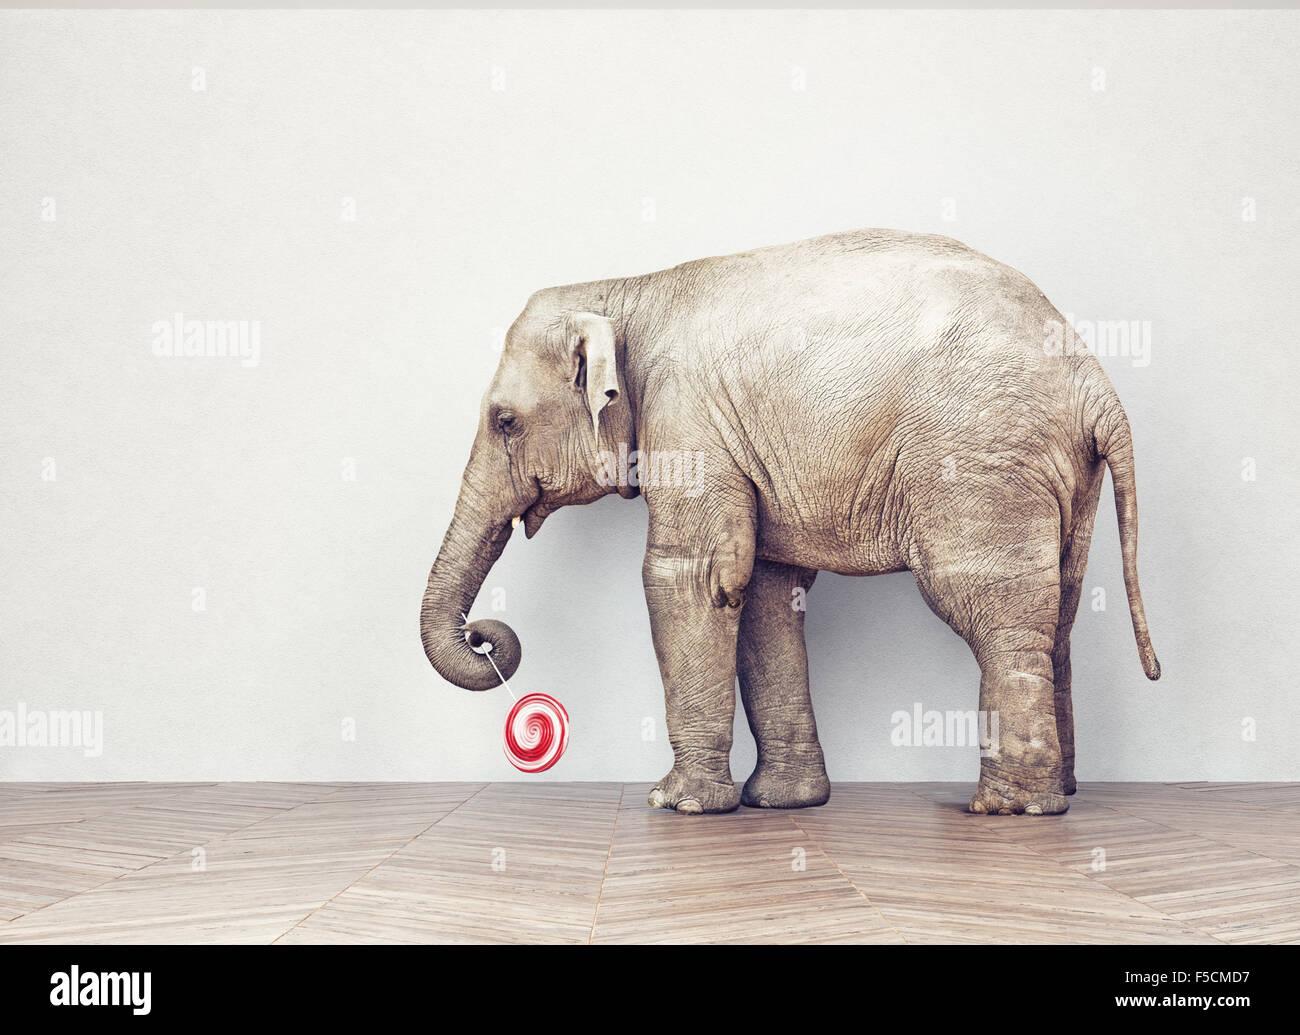 Un elefante en la habitación tranquila cerca de las paredes blancas. El concepto creativo Imagen De Stock